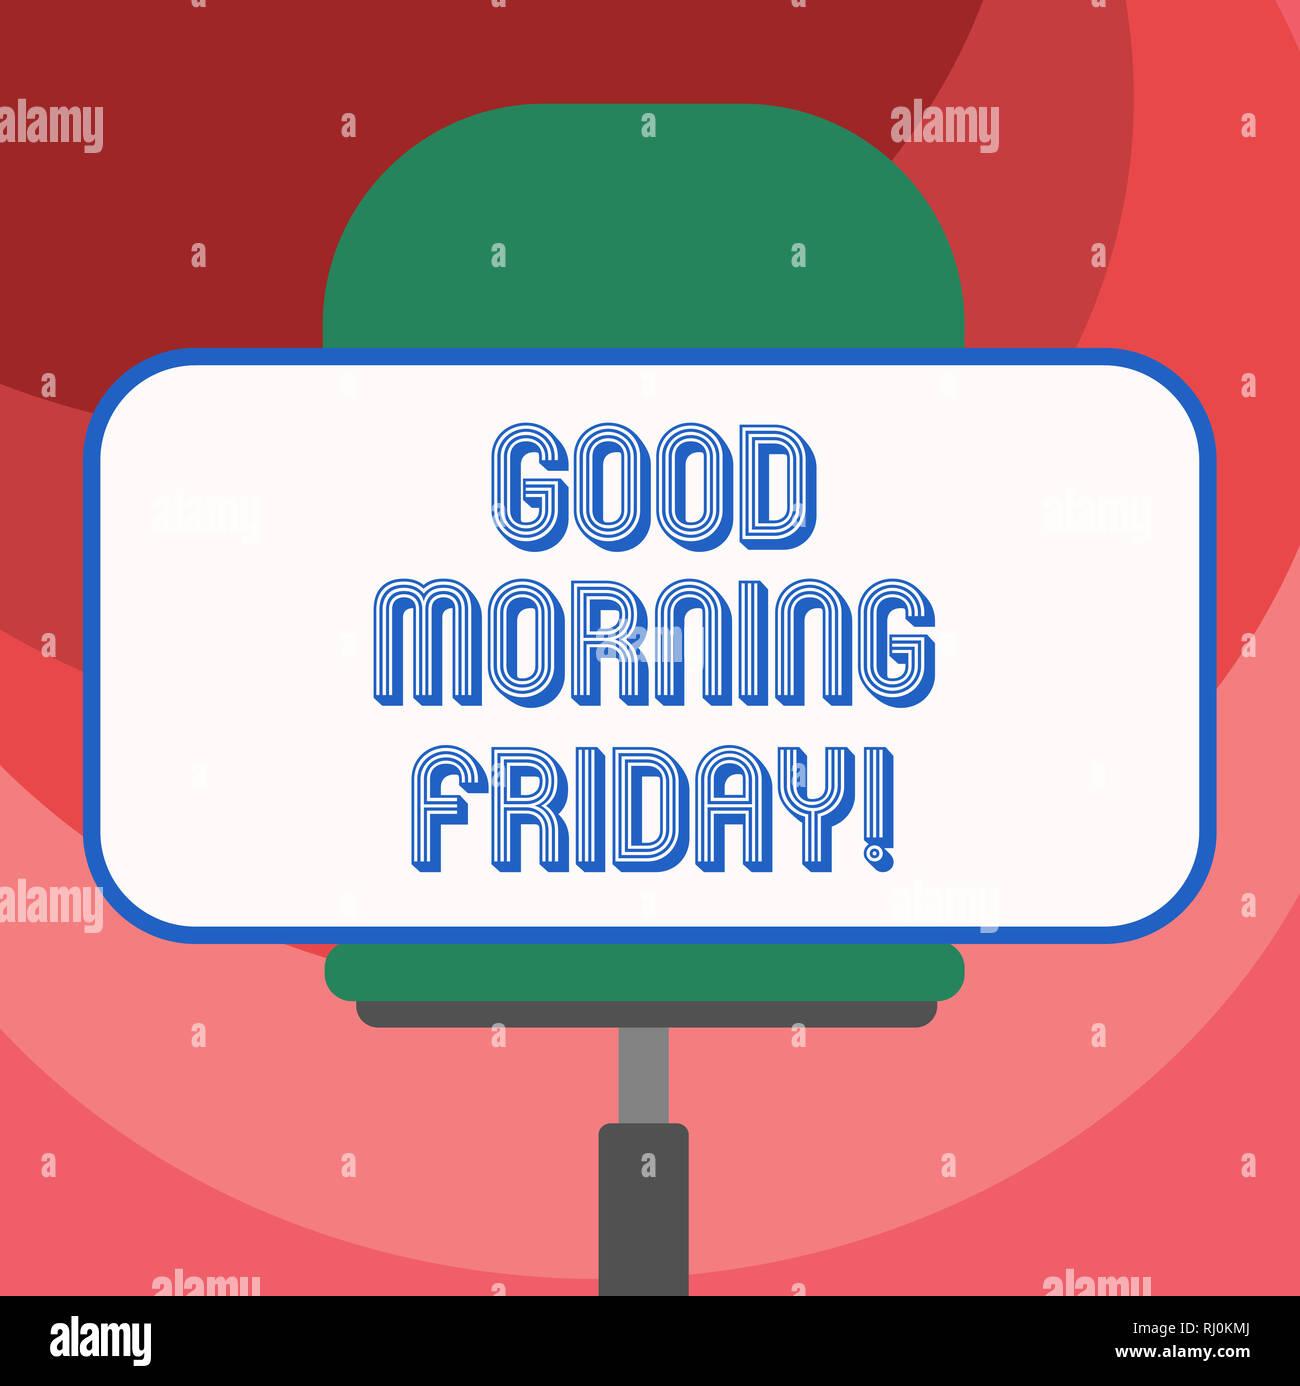 Text Zeichen Angezeigt Guten Morgen Freitag Konzeptionelle